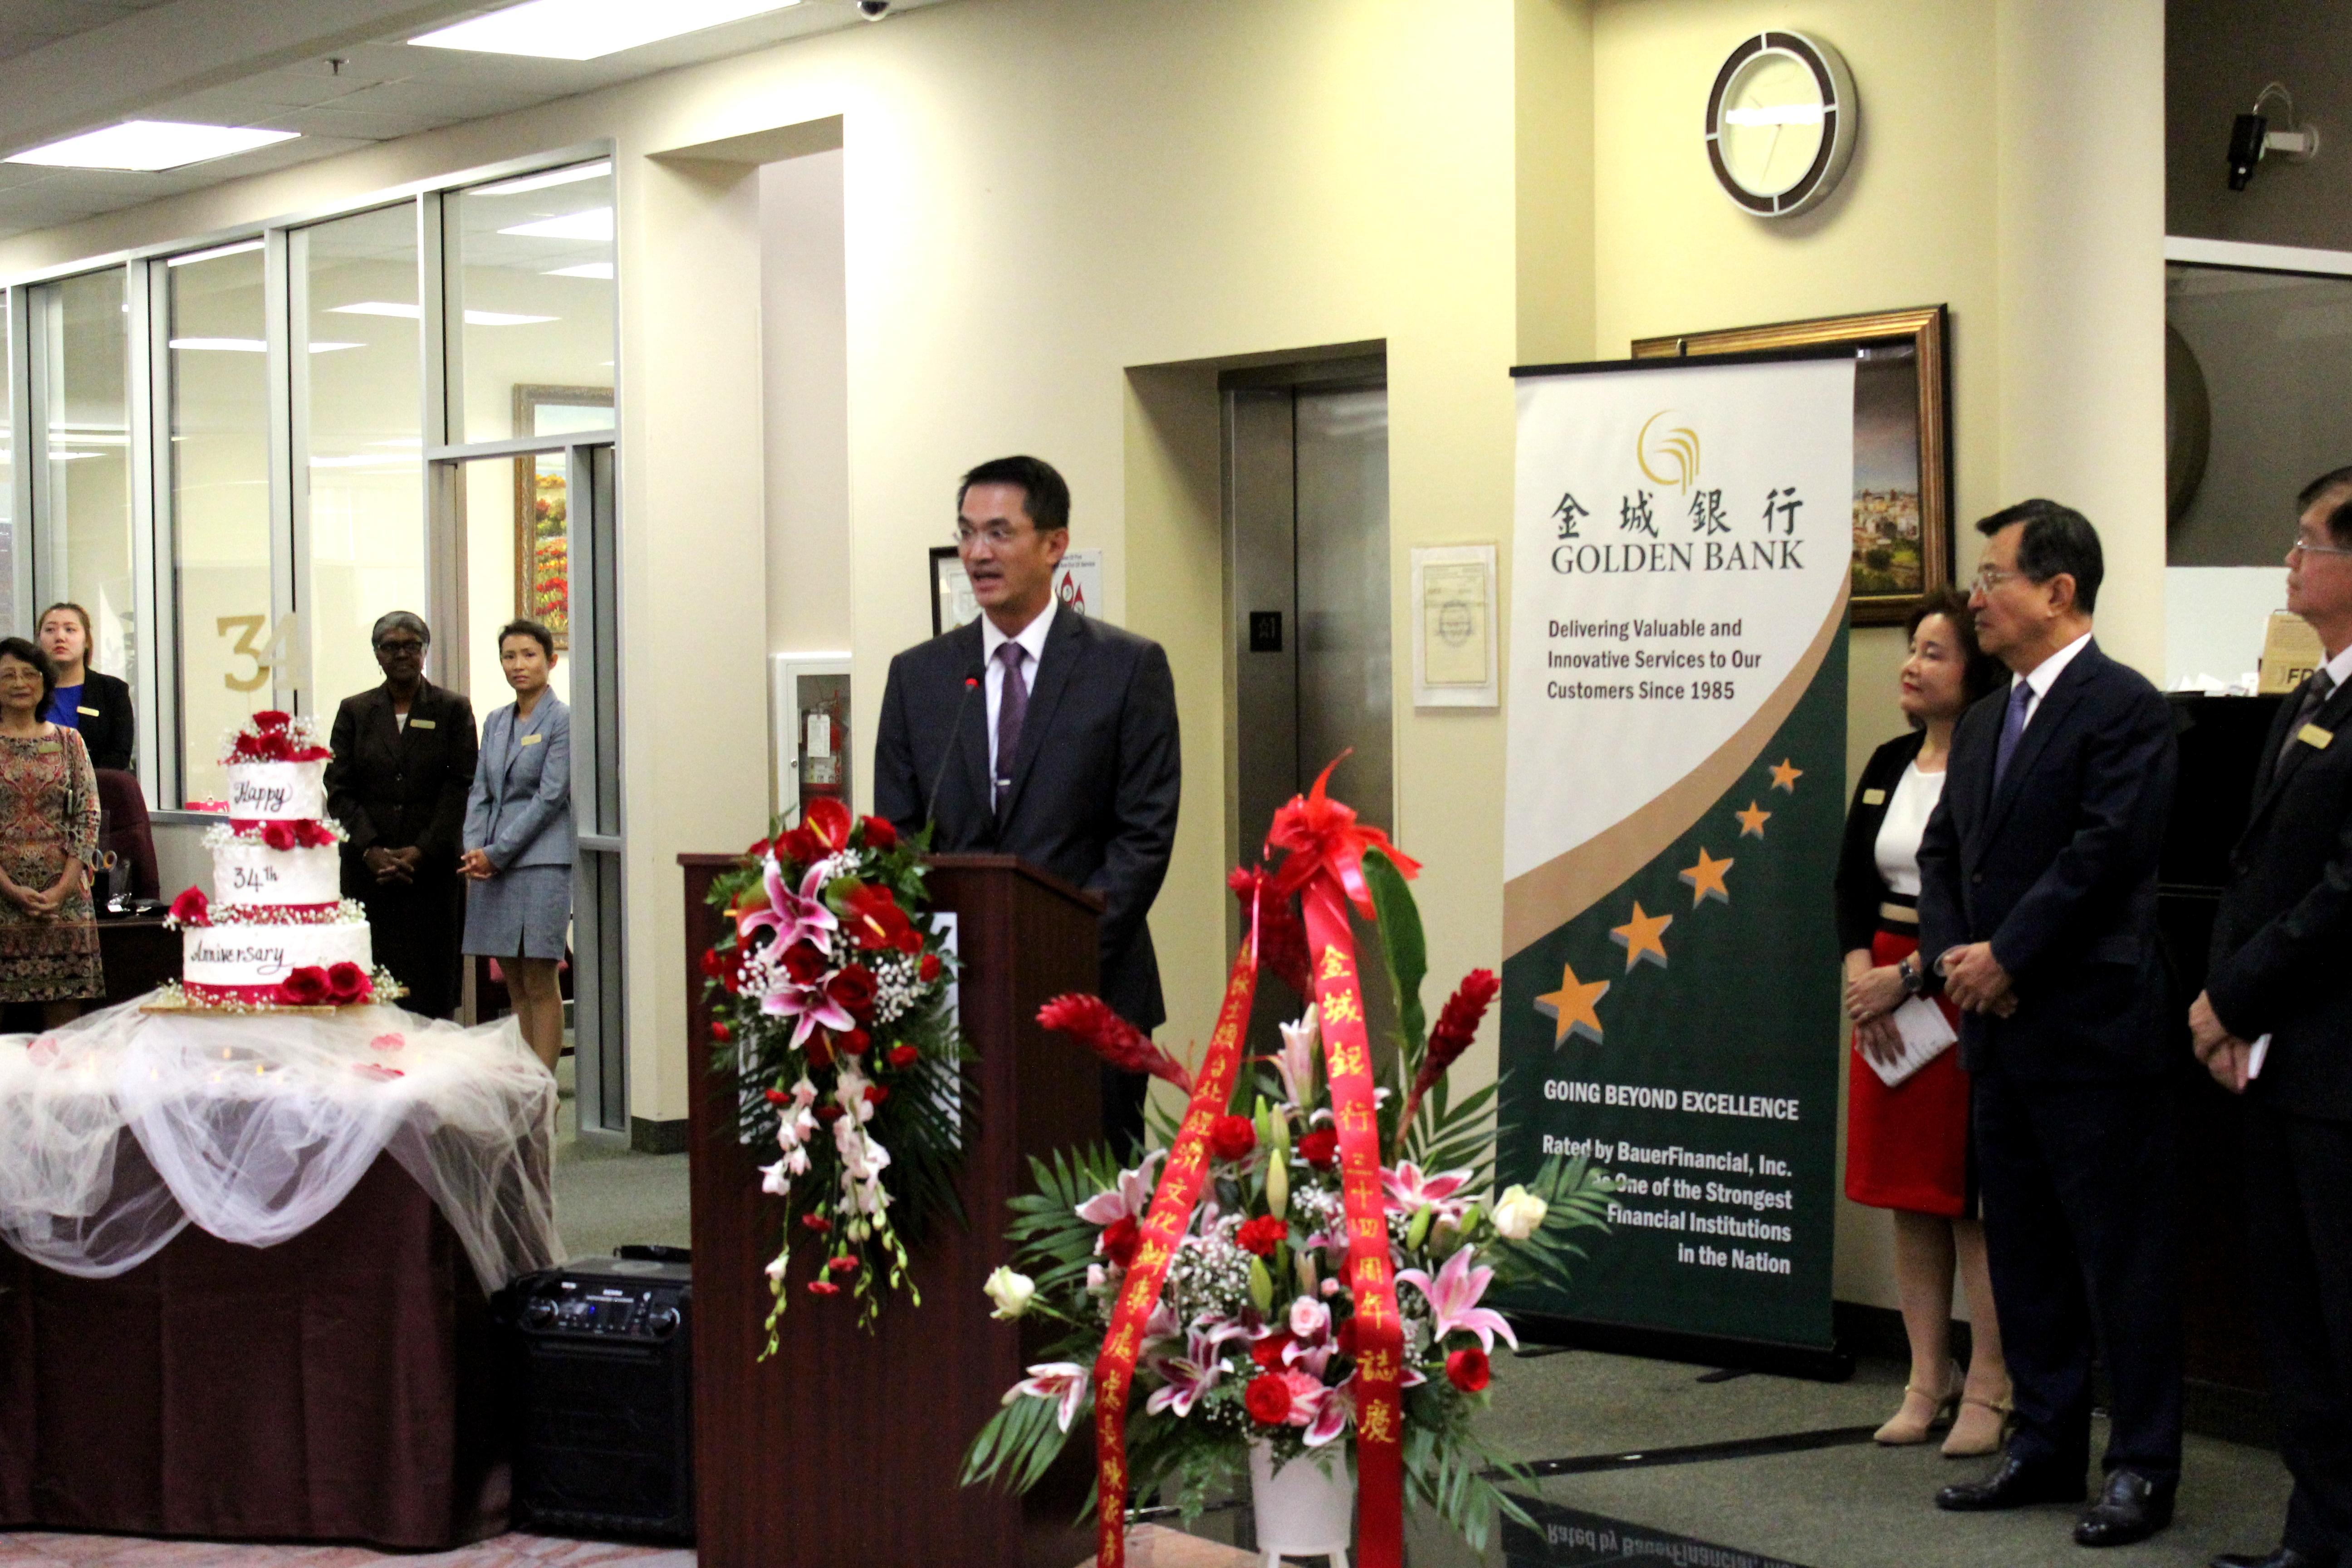 陳家彥致詞,祝賀金城銀行成立34周年慶,並感謝及肯定該行對社區及國家的貢獻。